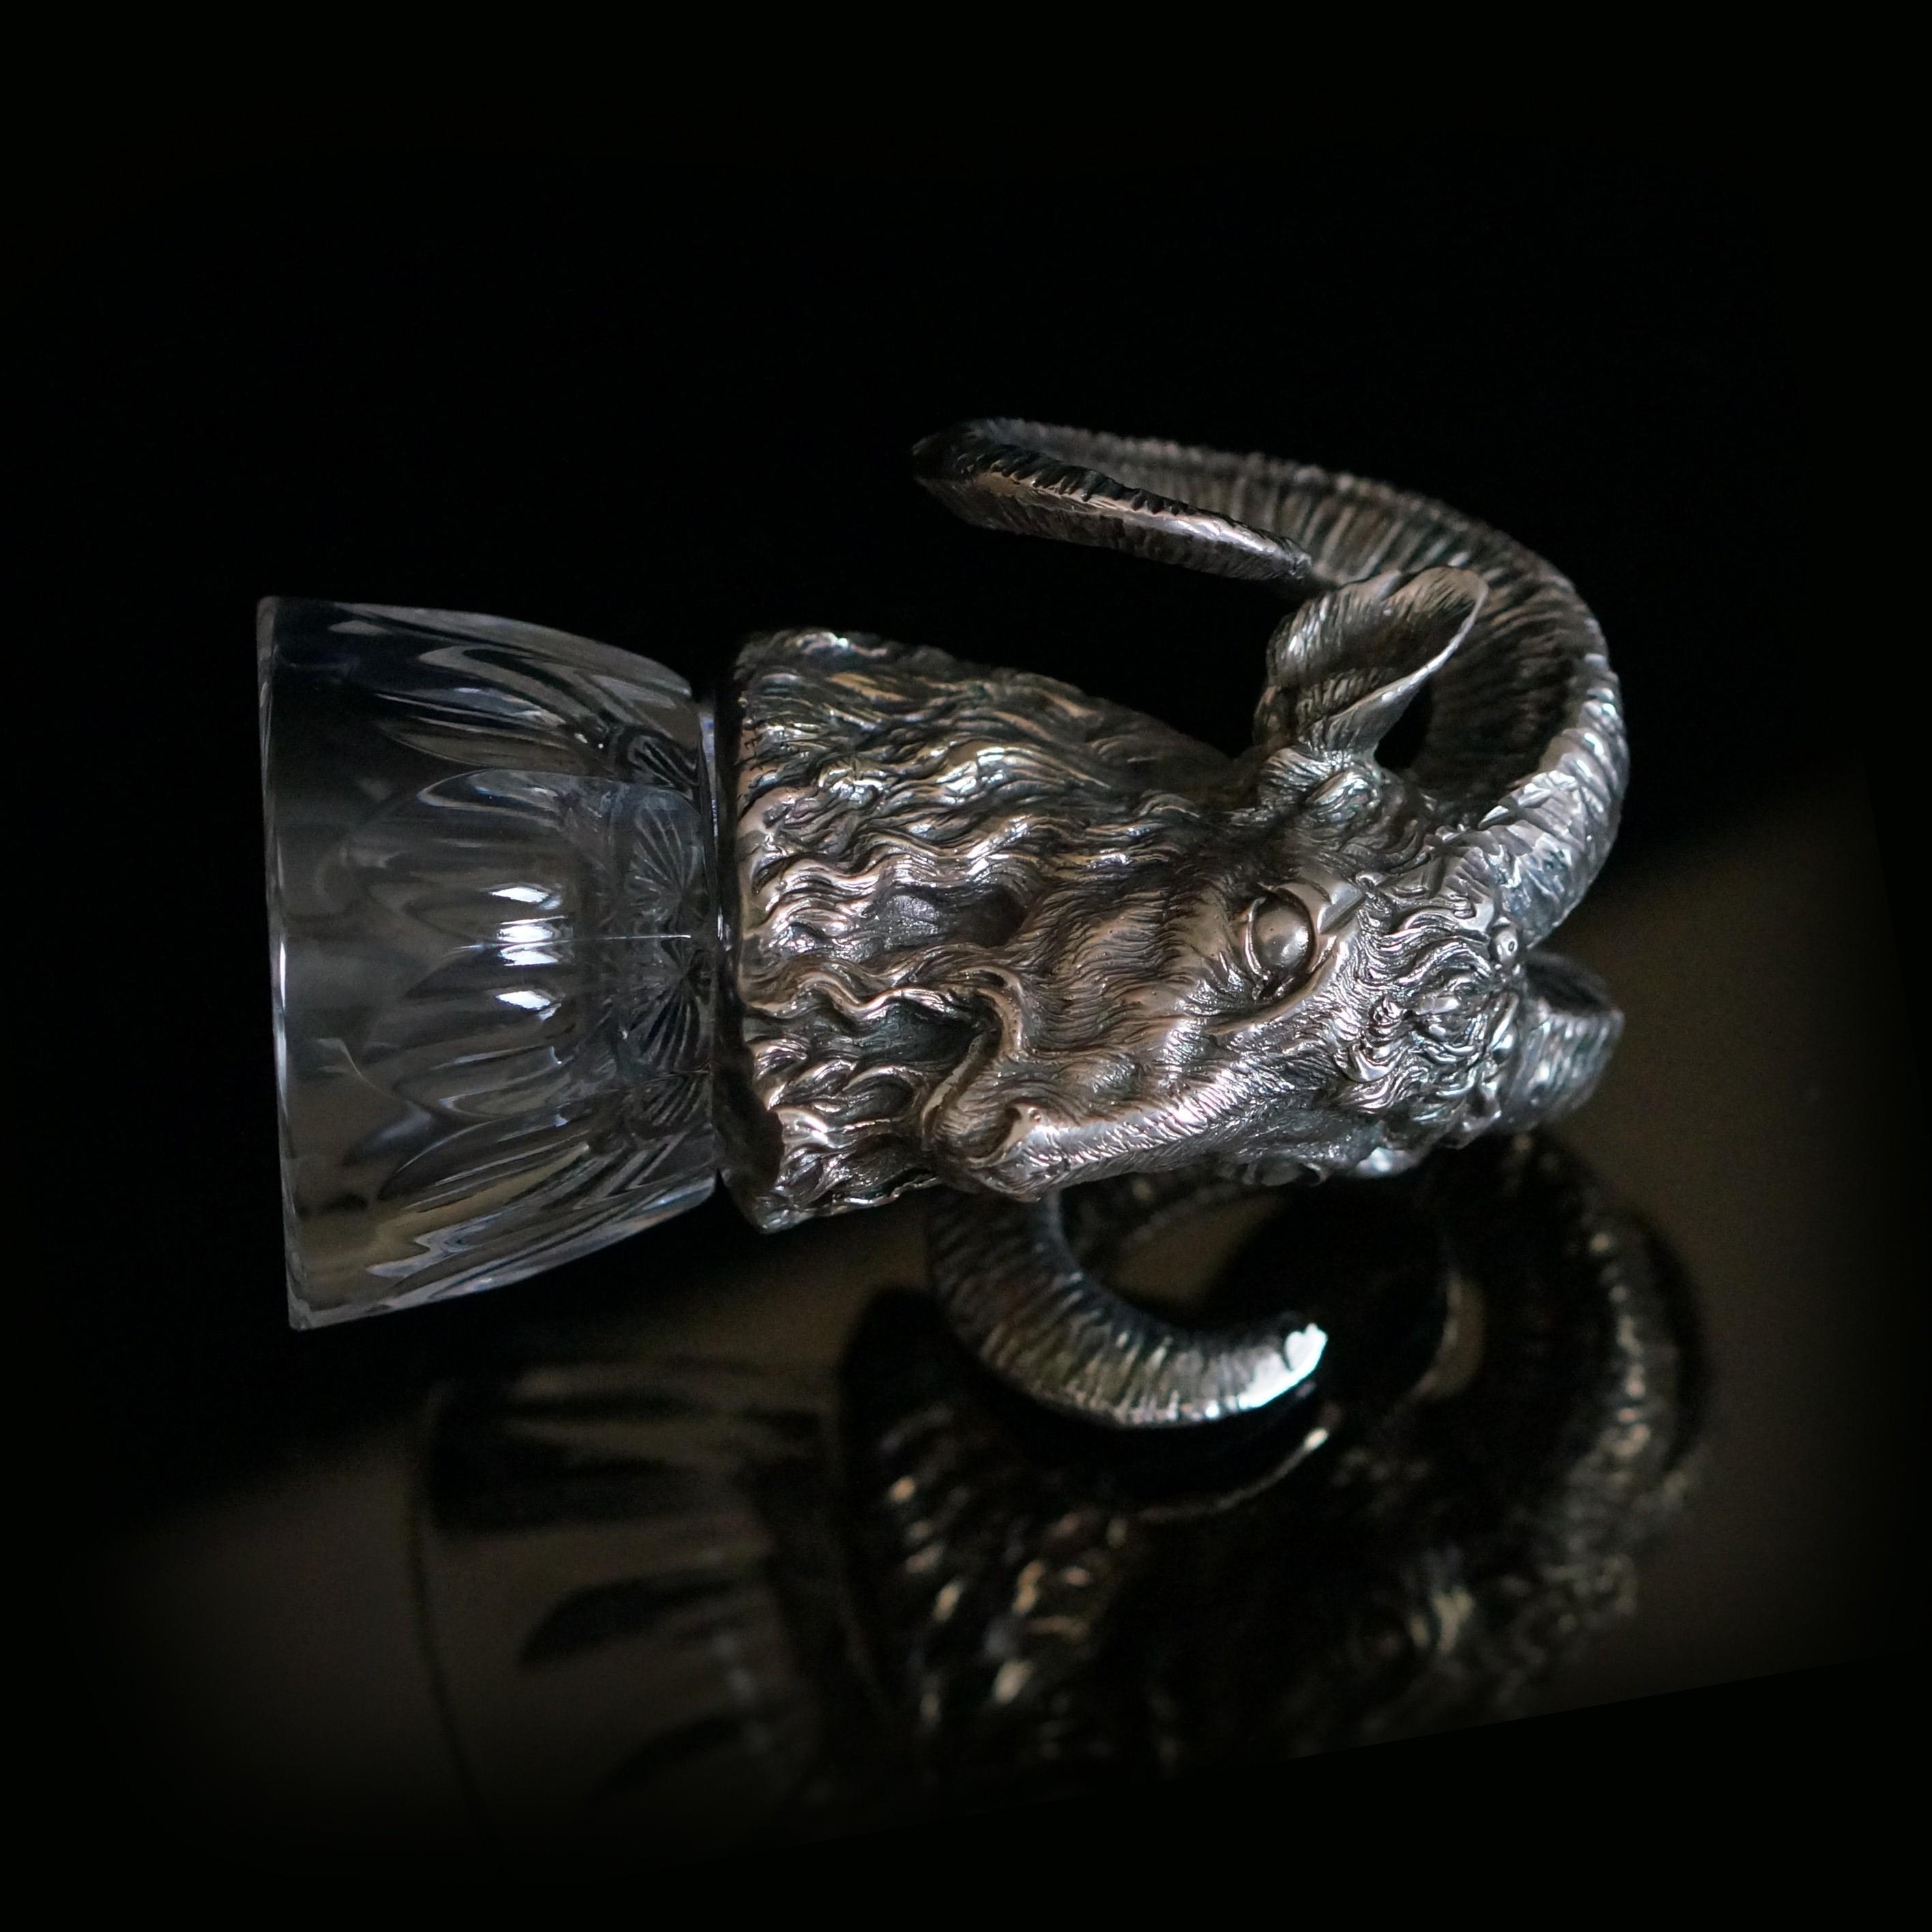 чарка ритон АРХАР из набора ОХОТНИЧИЙ Хрусталь  Серебро или бронза с гальваническим покрытием серебром.